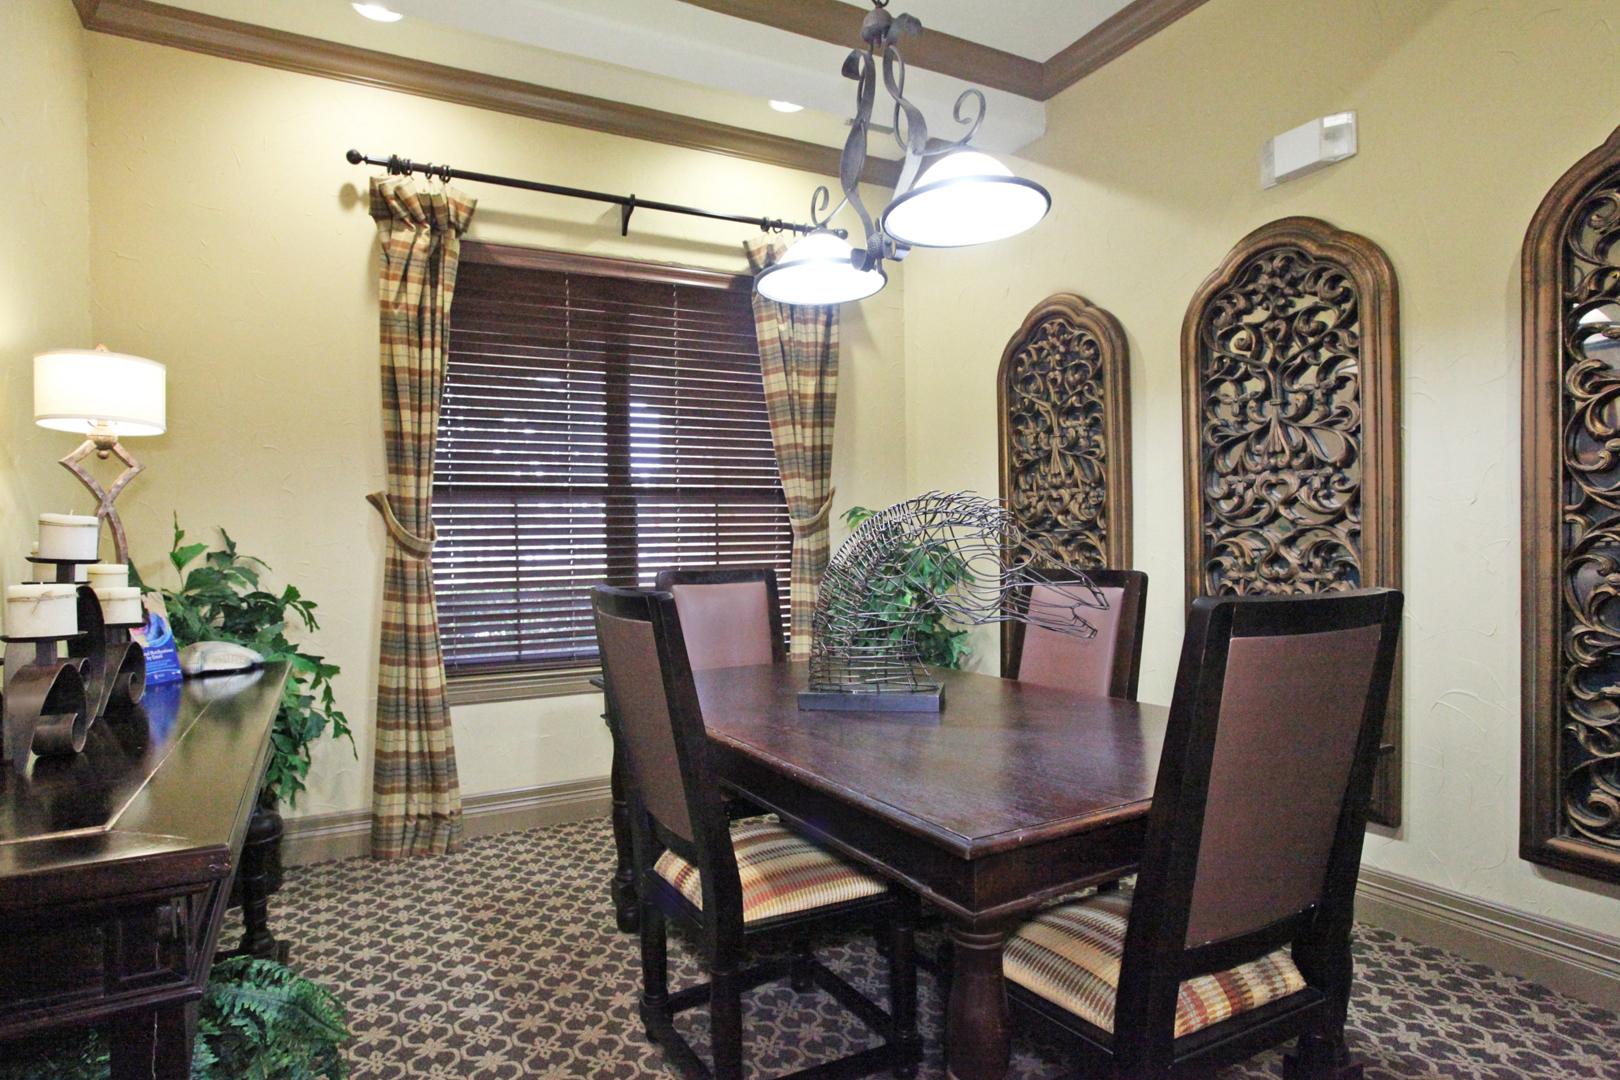 Montecristo Apartments San Antonio Texas